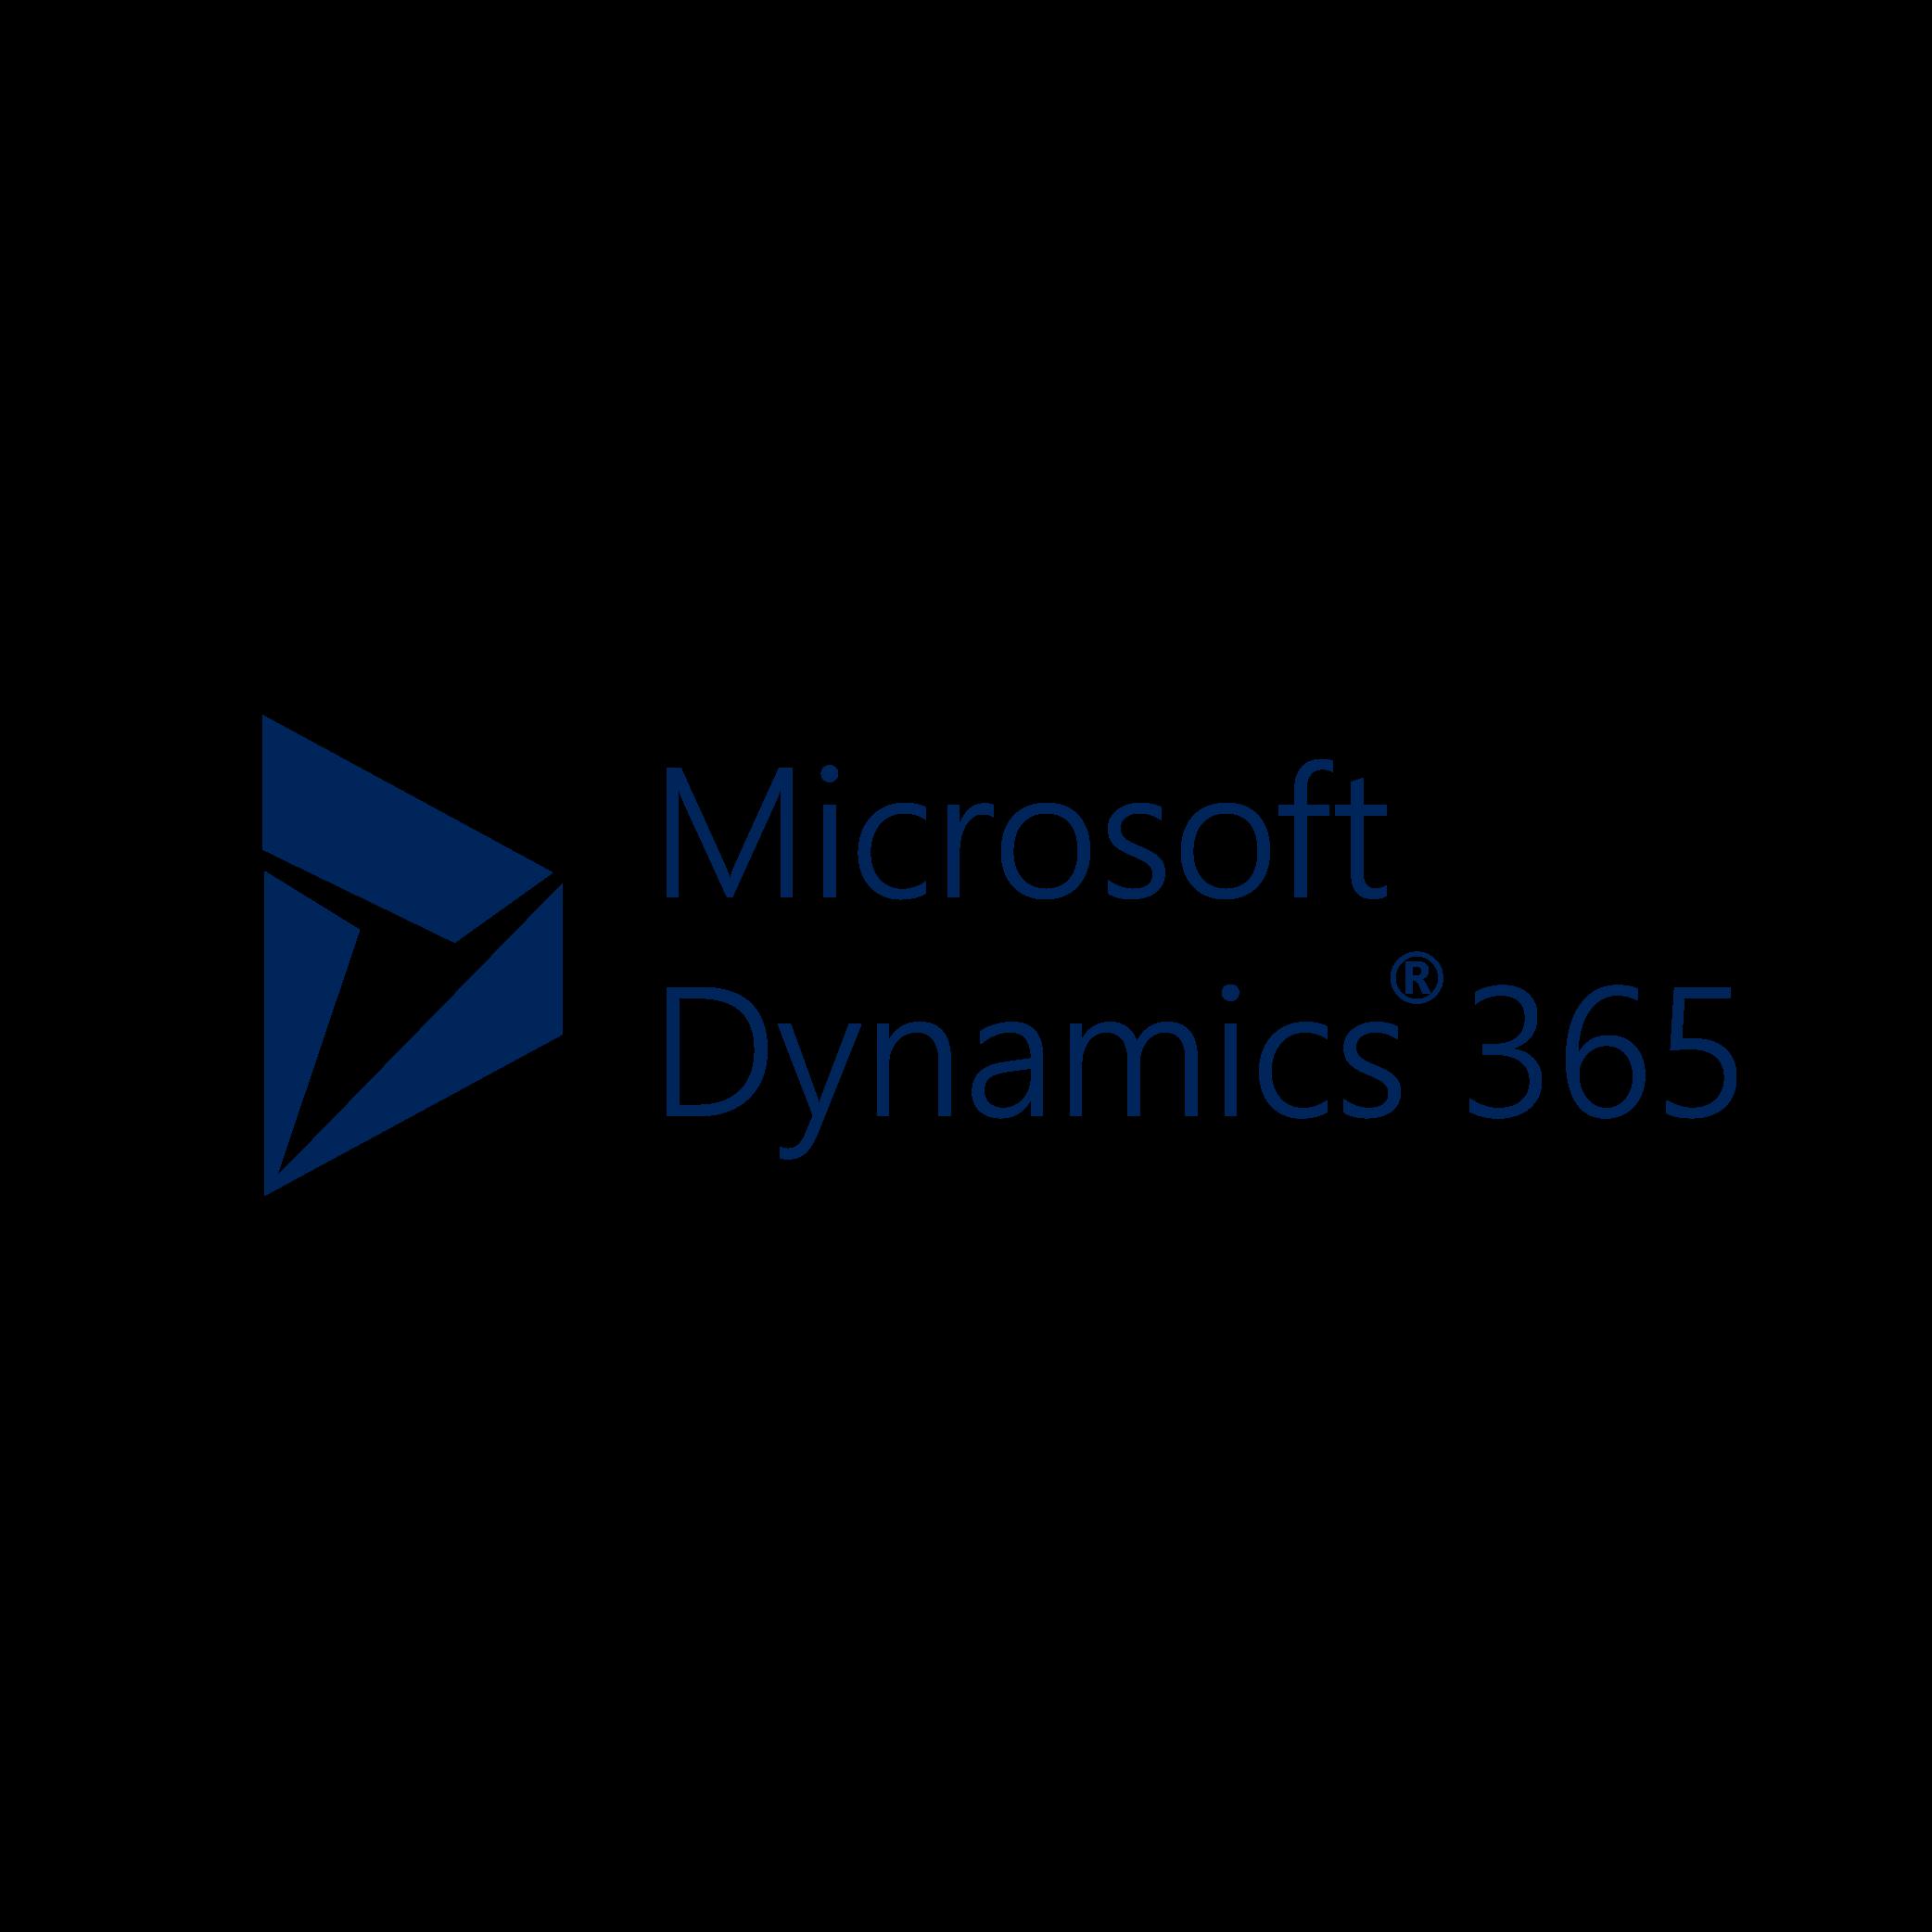 Microsoft Dynamics 365 Review.